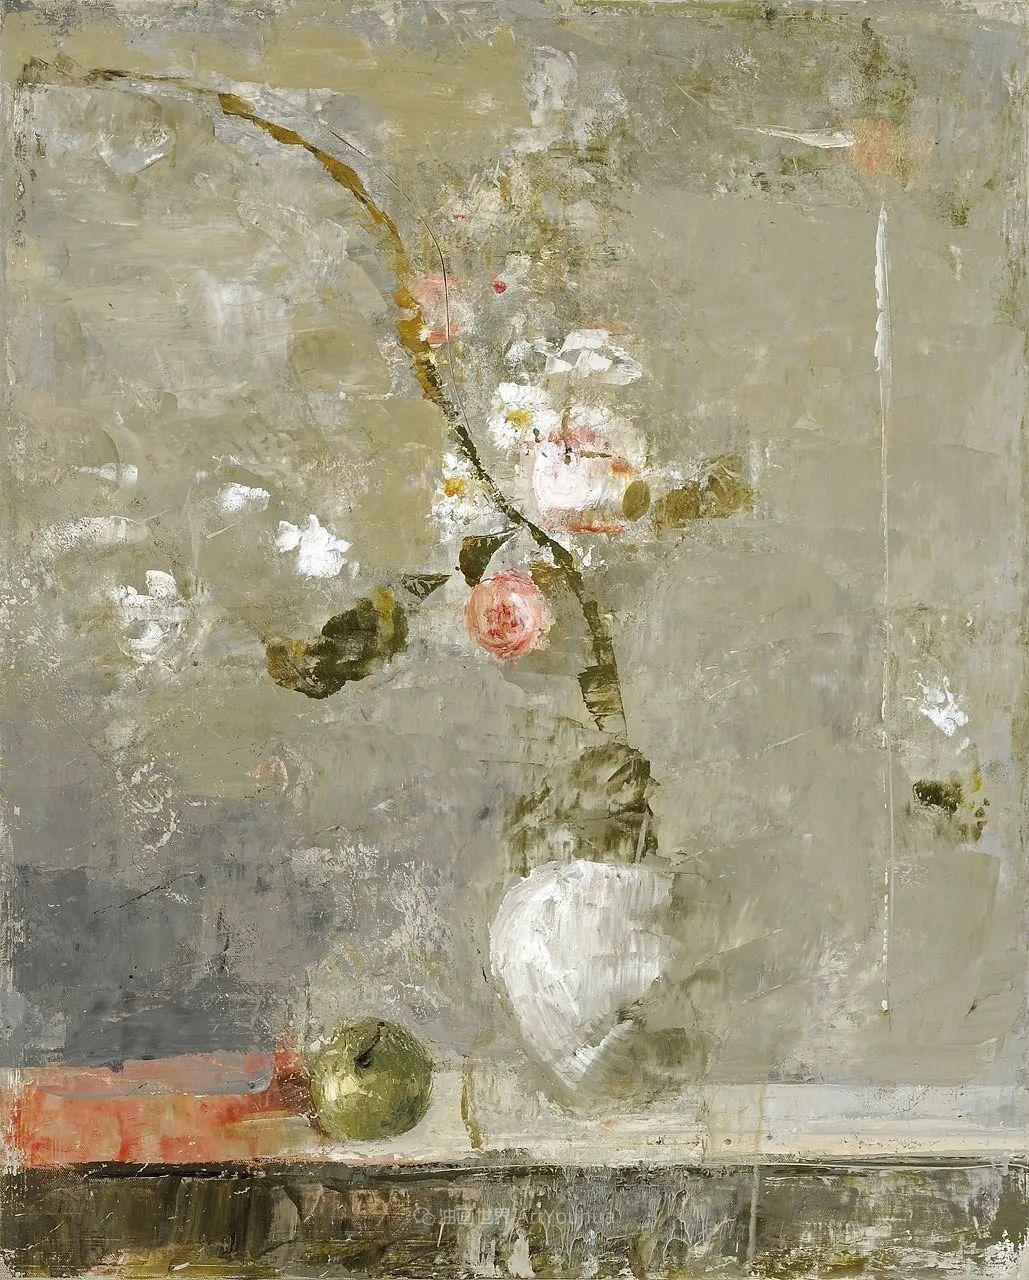 她从古代壁画中汲取灵感,但作品有一种非常现代、神秘的感觉!插图83